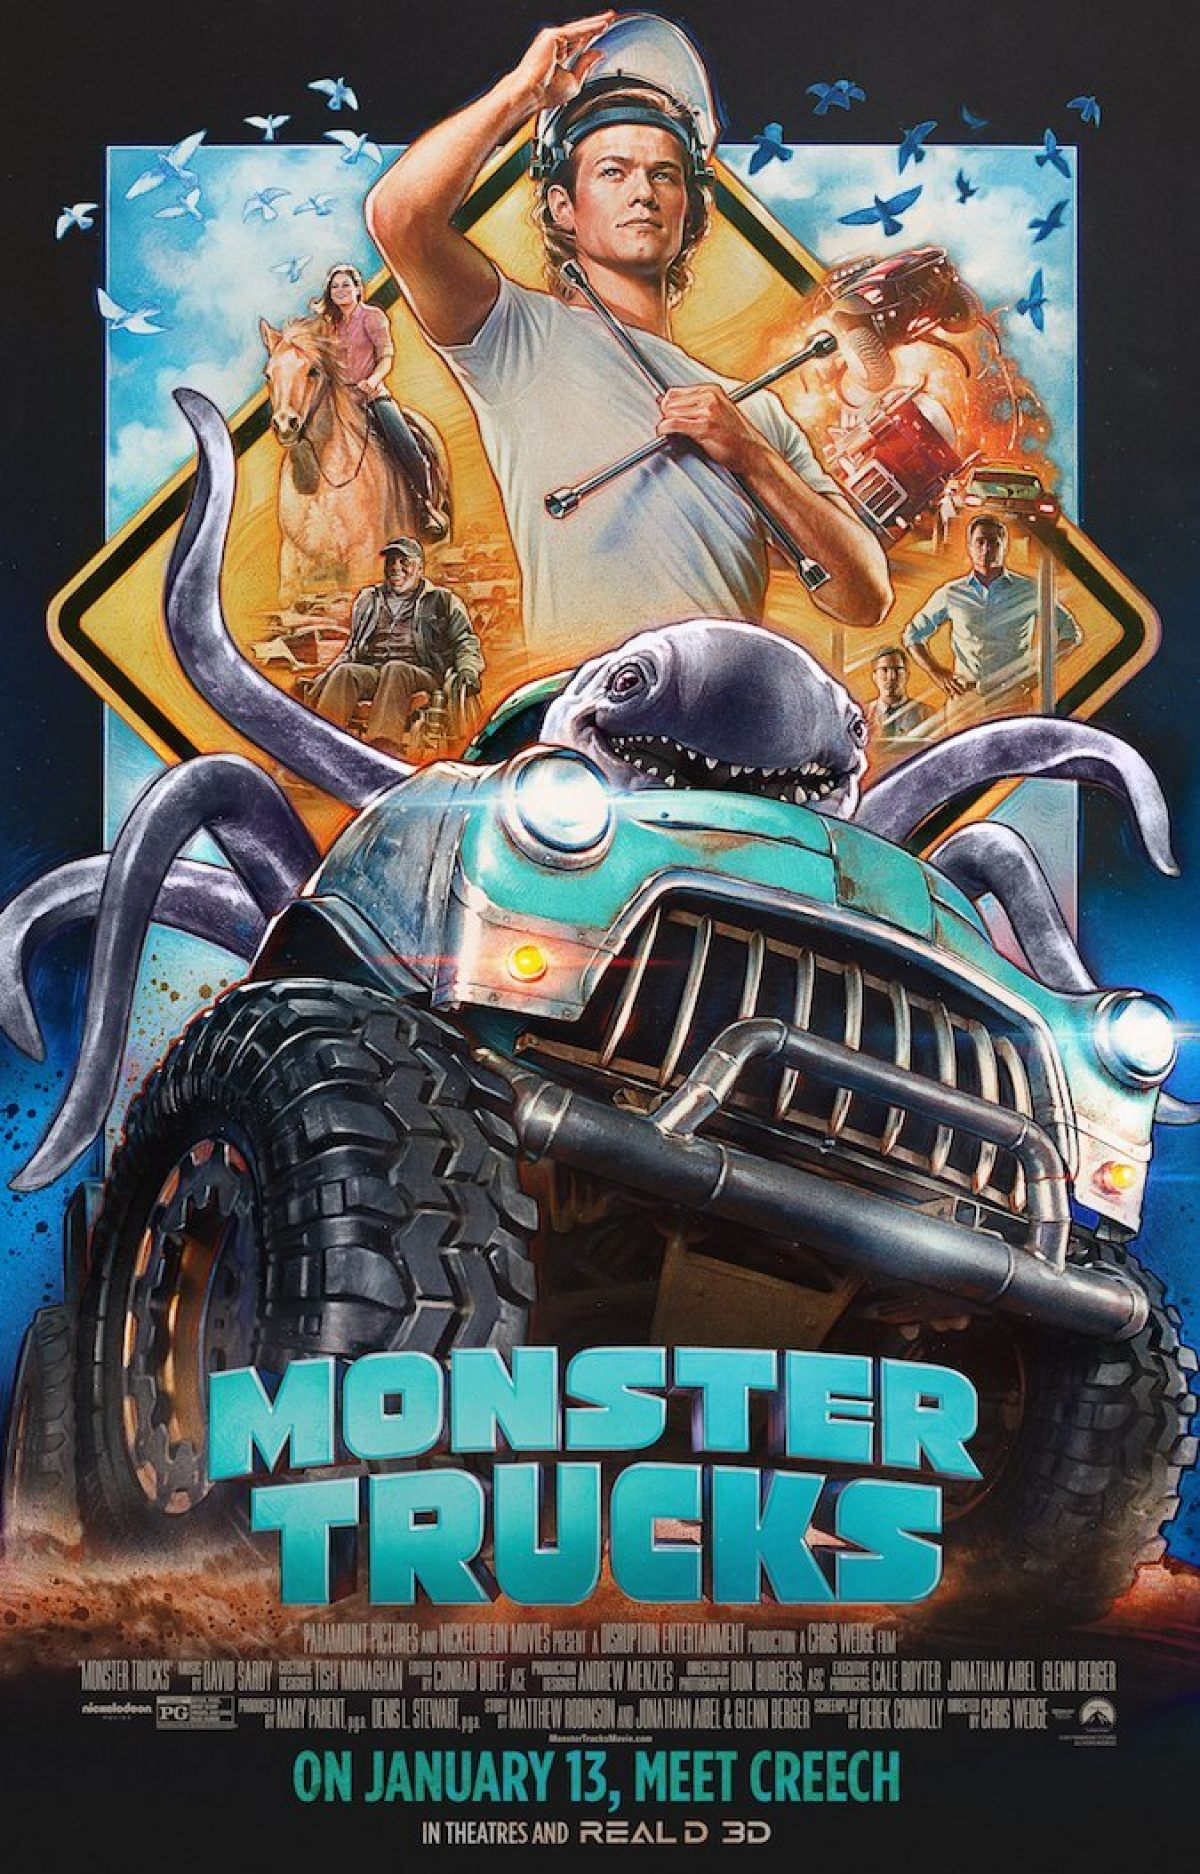 Monster Truck Film